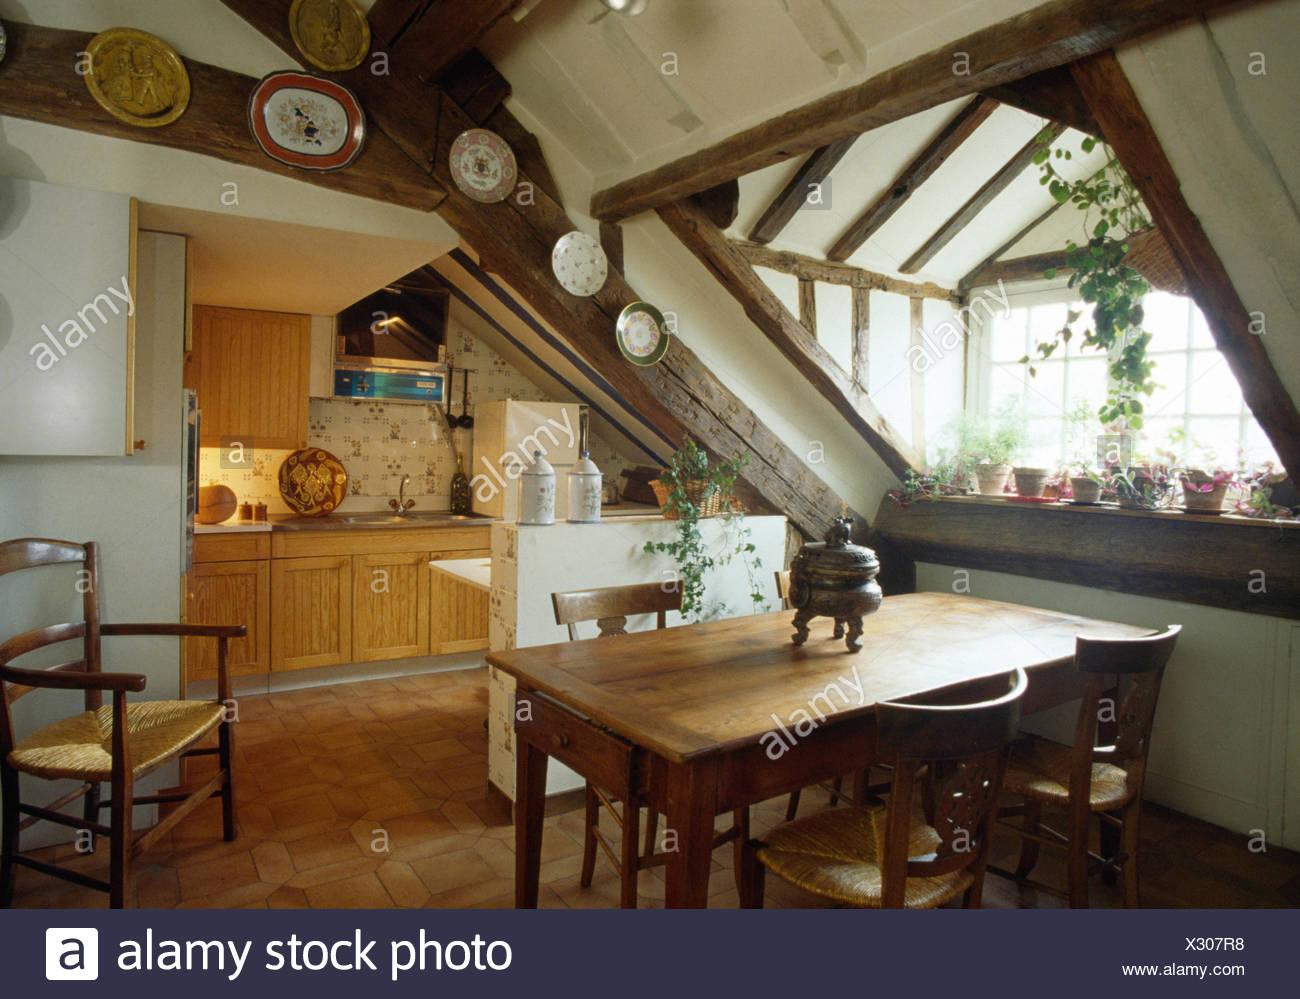 Einfache Kiefer Tisch und Stühle im Dachgeschoss Küche ...